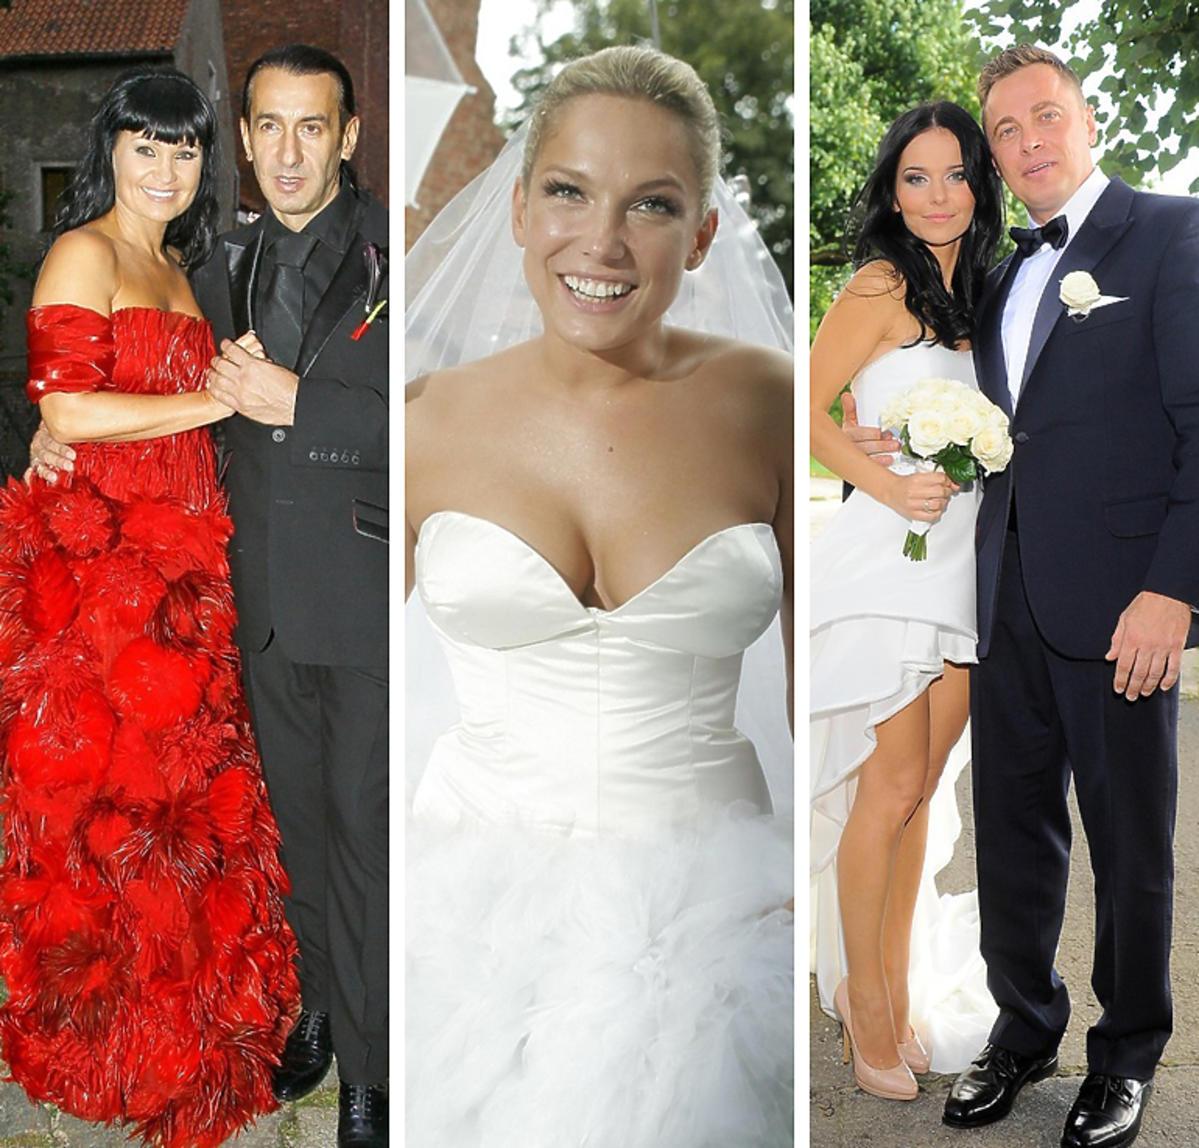 Suknie ślubne gwiazd - najbardziej kontrowersyjne